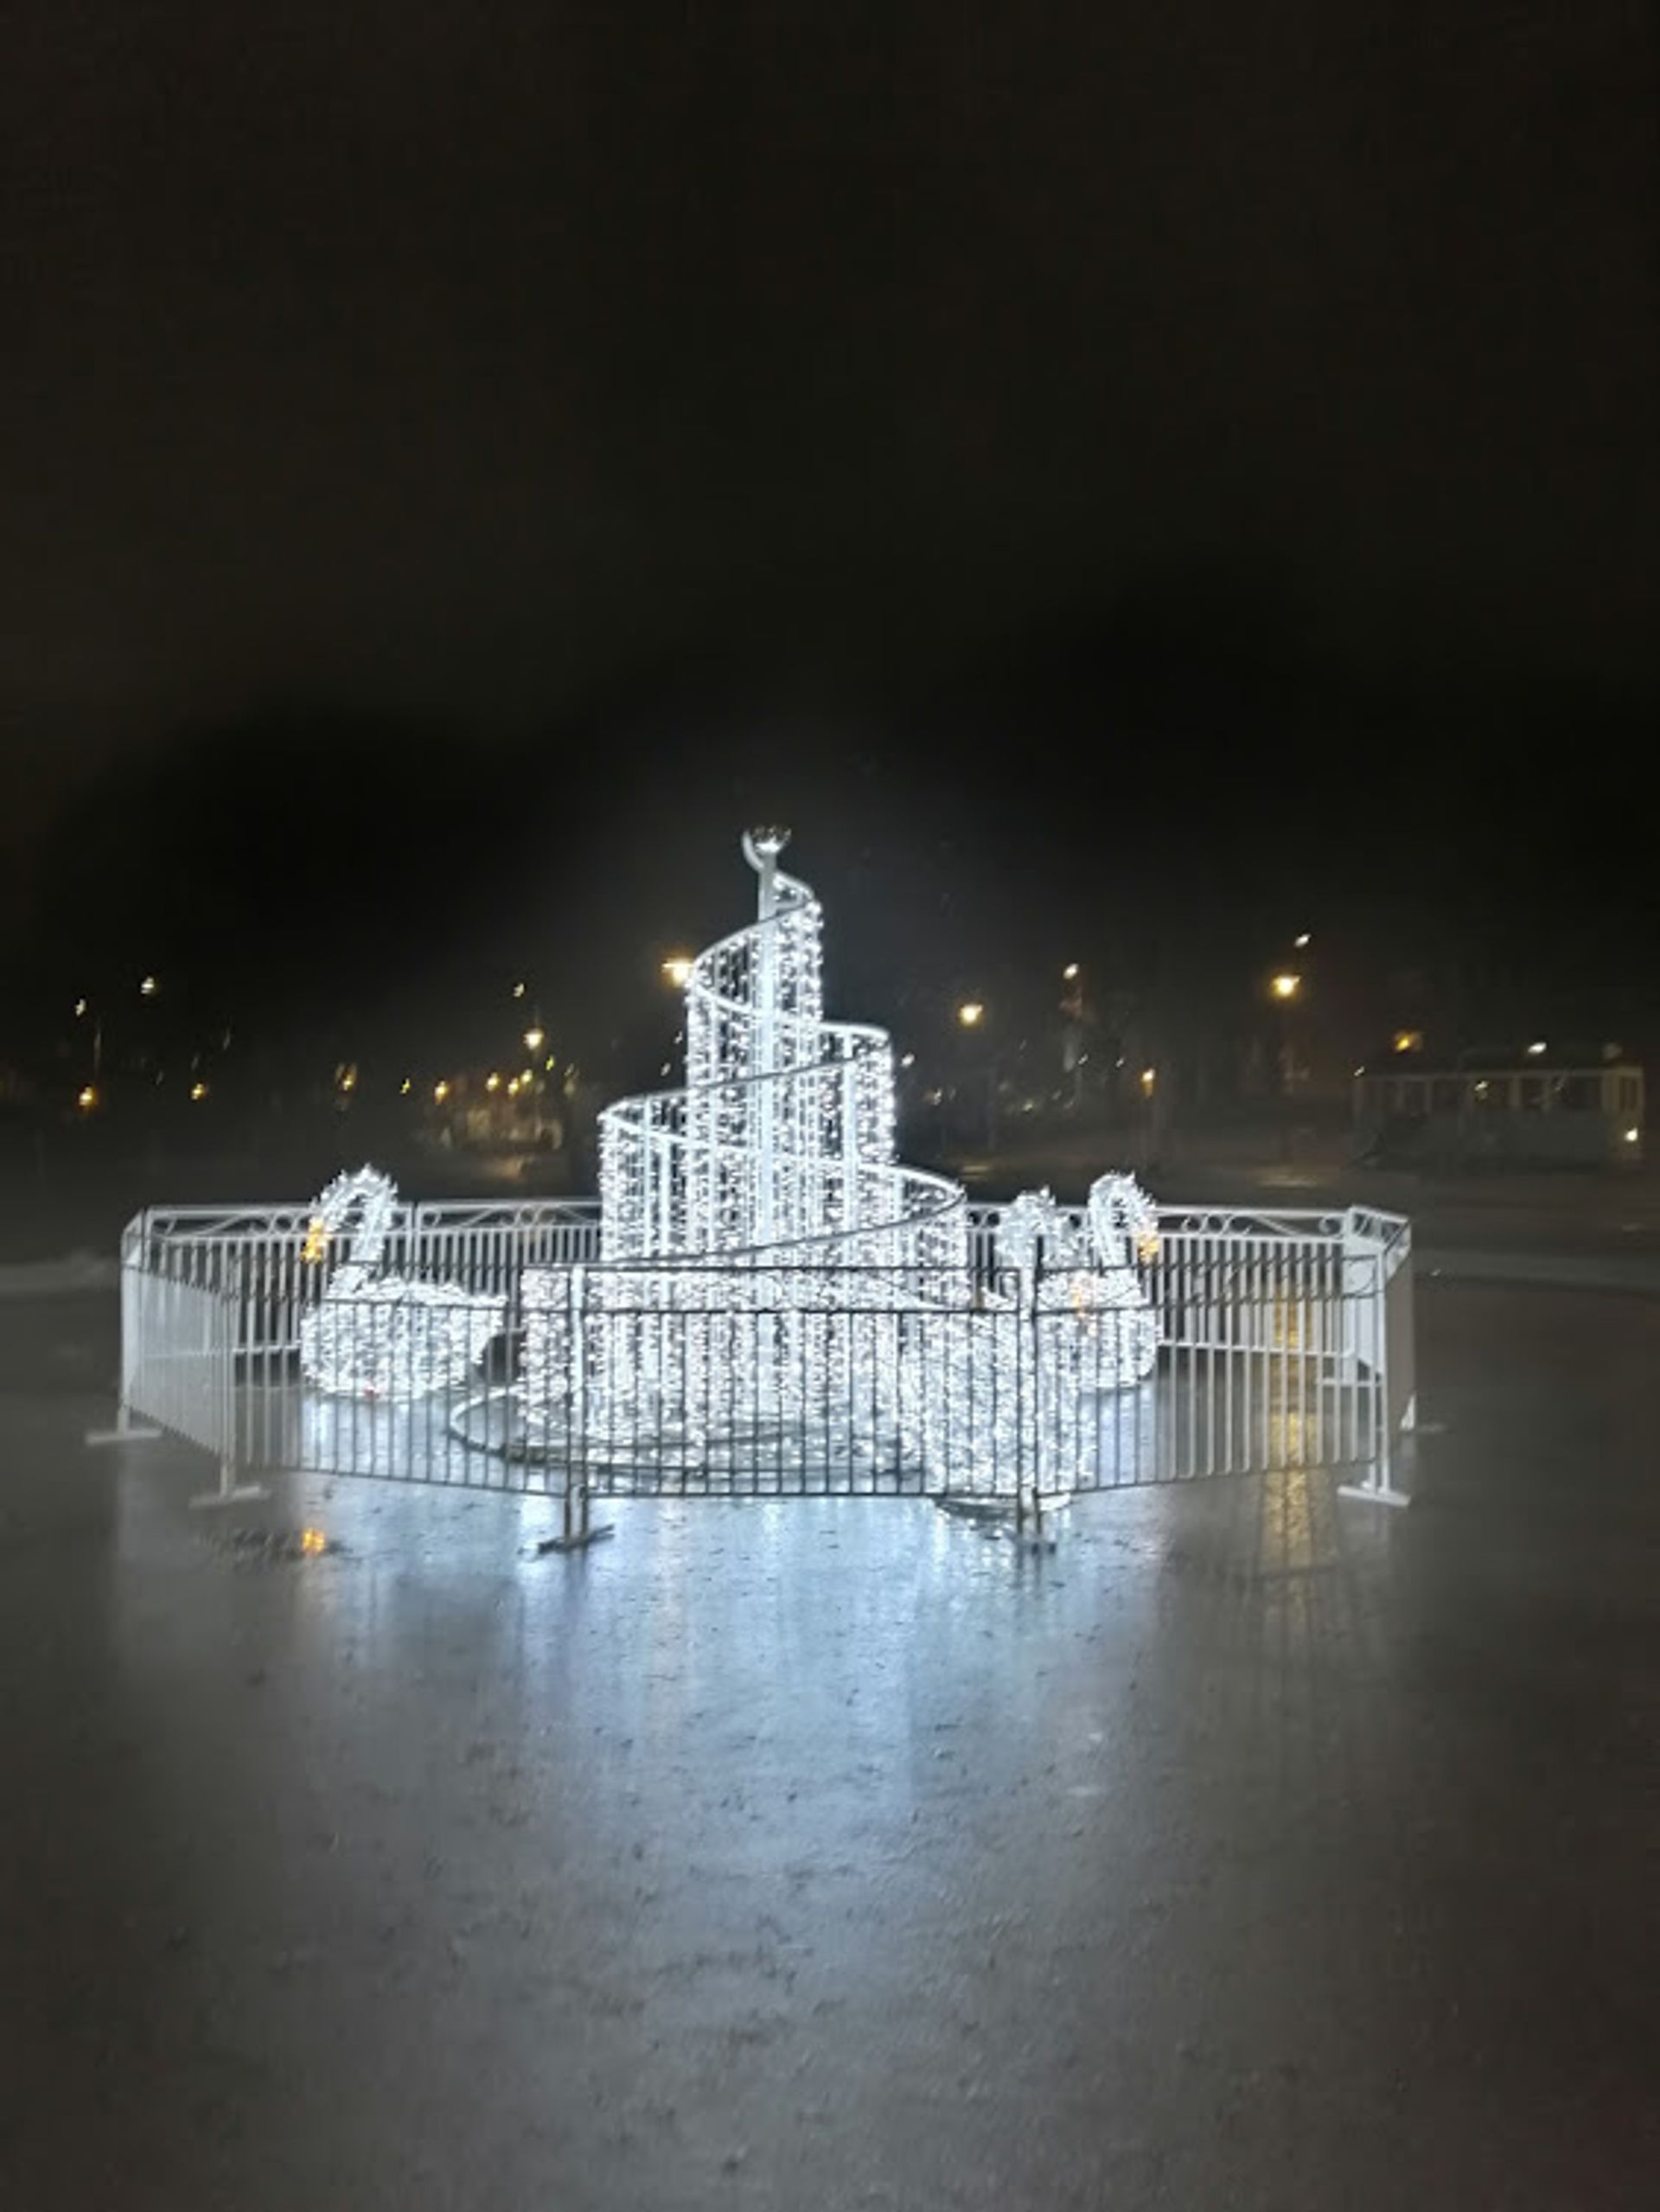 A light sculpture of swans around a spiral of fairy lights